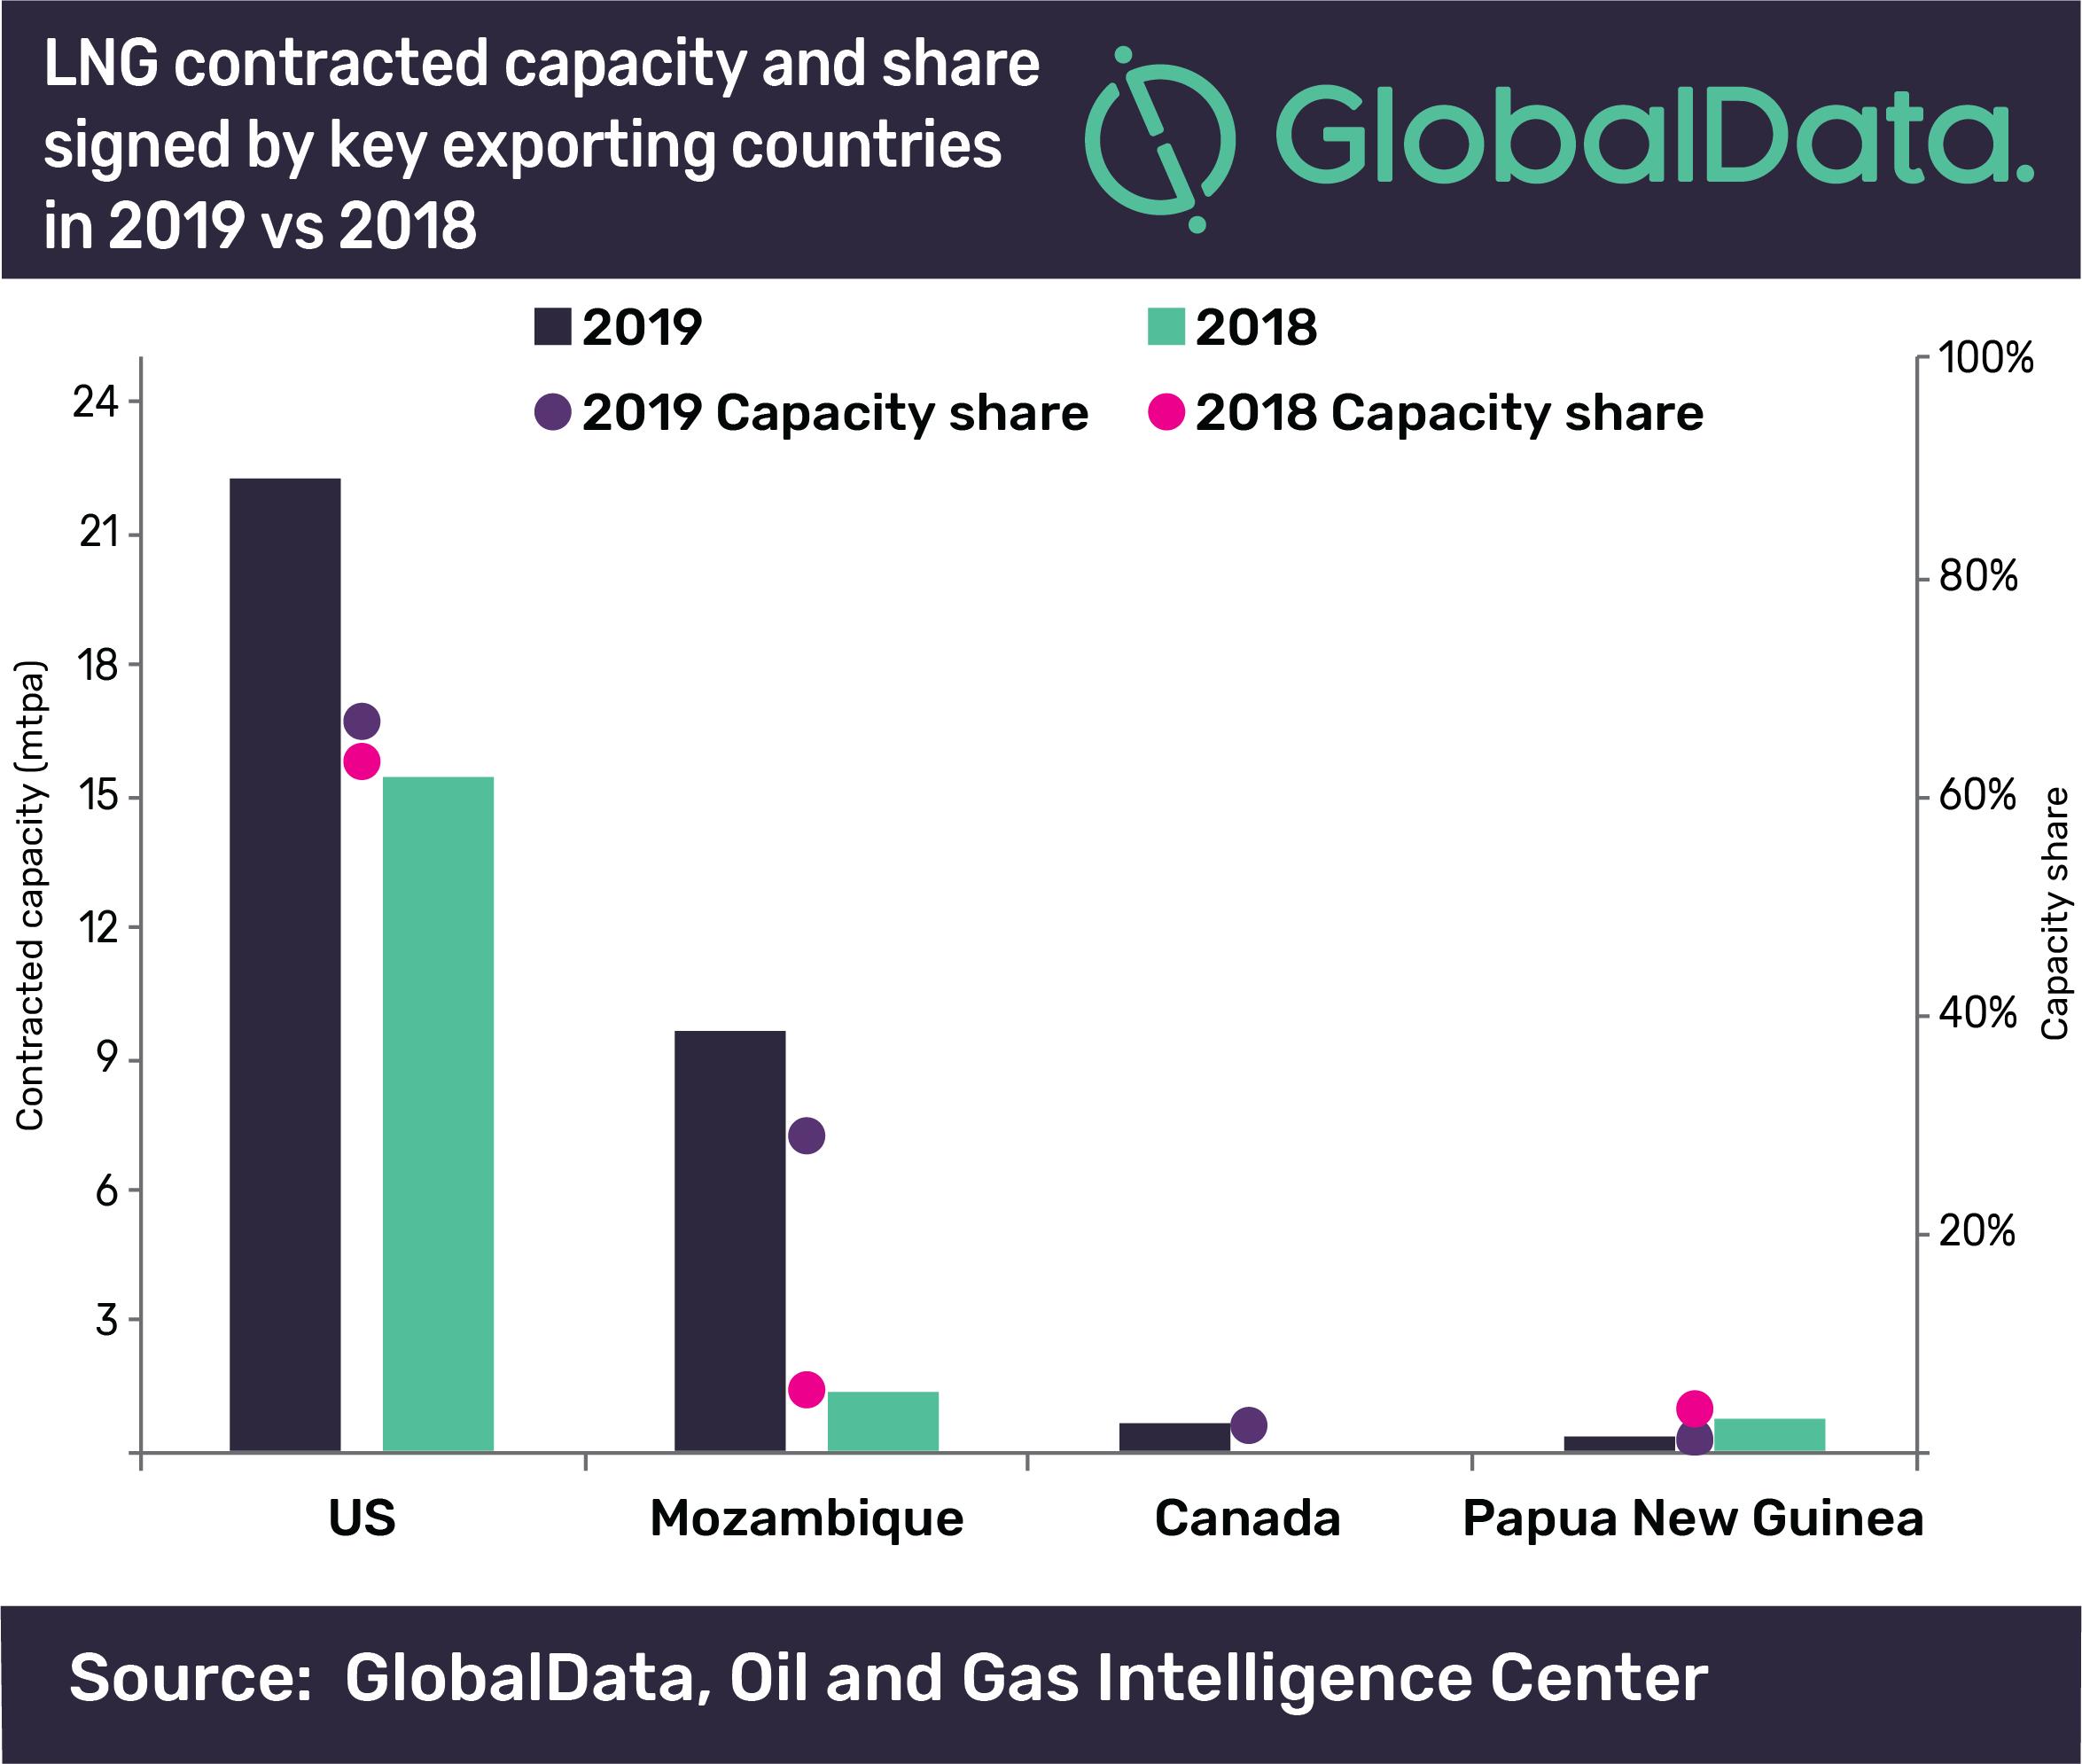 Wielkość kontraktów długoterminowych, zawartych przez producentów z różnych krajów, źródło: GlobalData